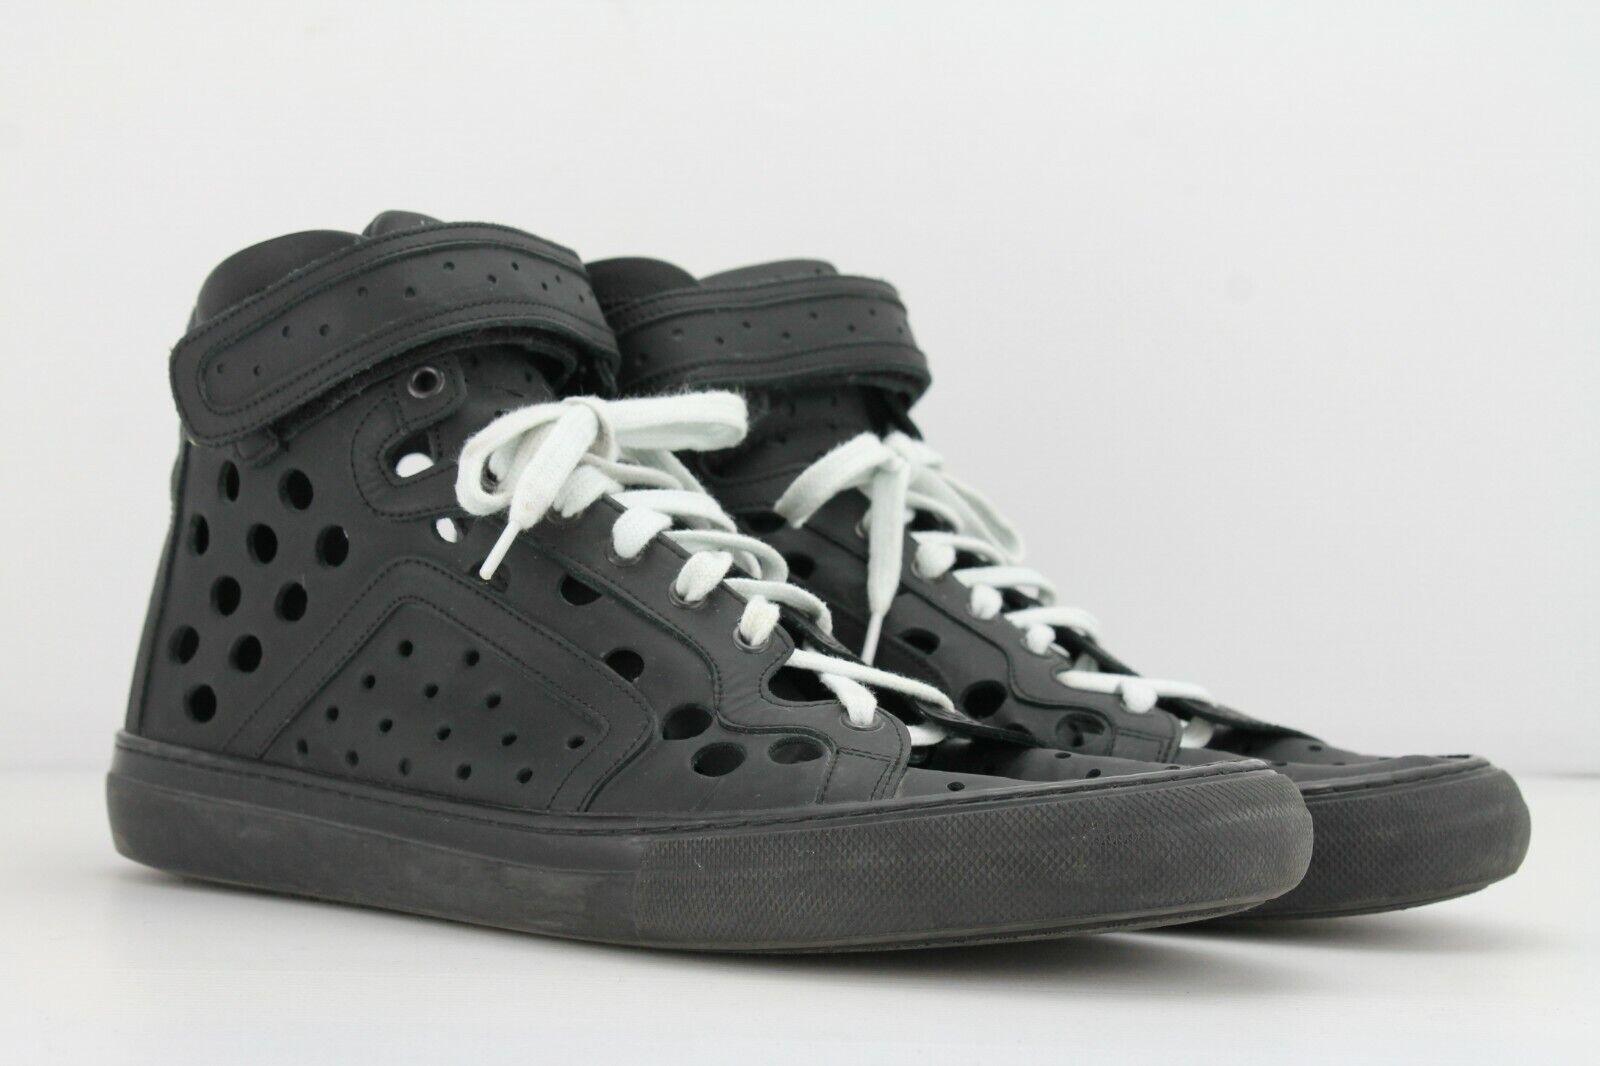 Suchergebnis auf für: Geox Gelb Sneaker